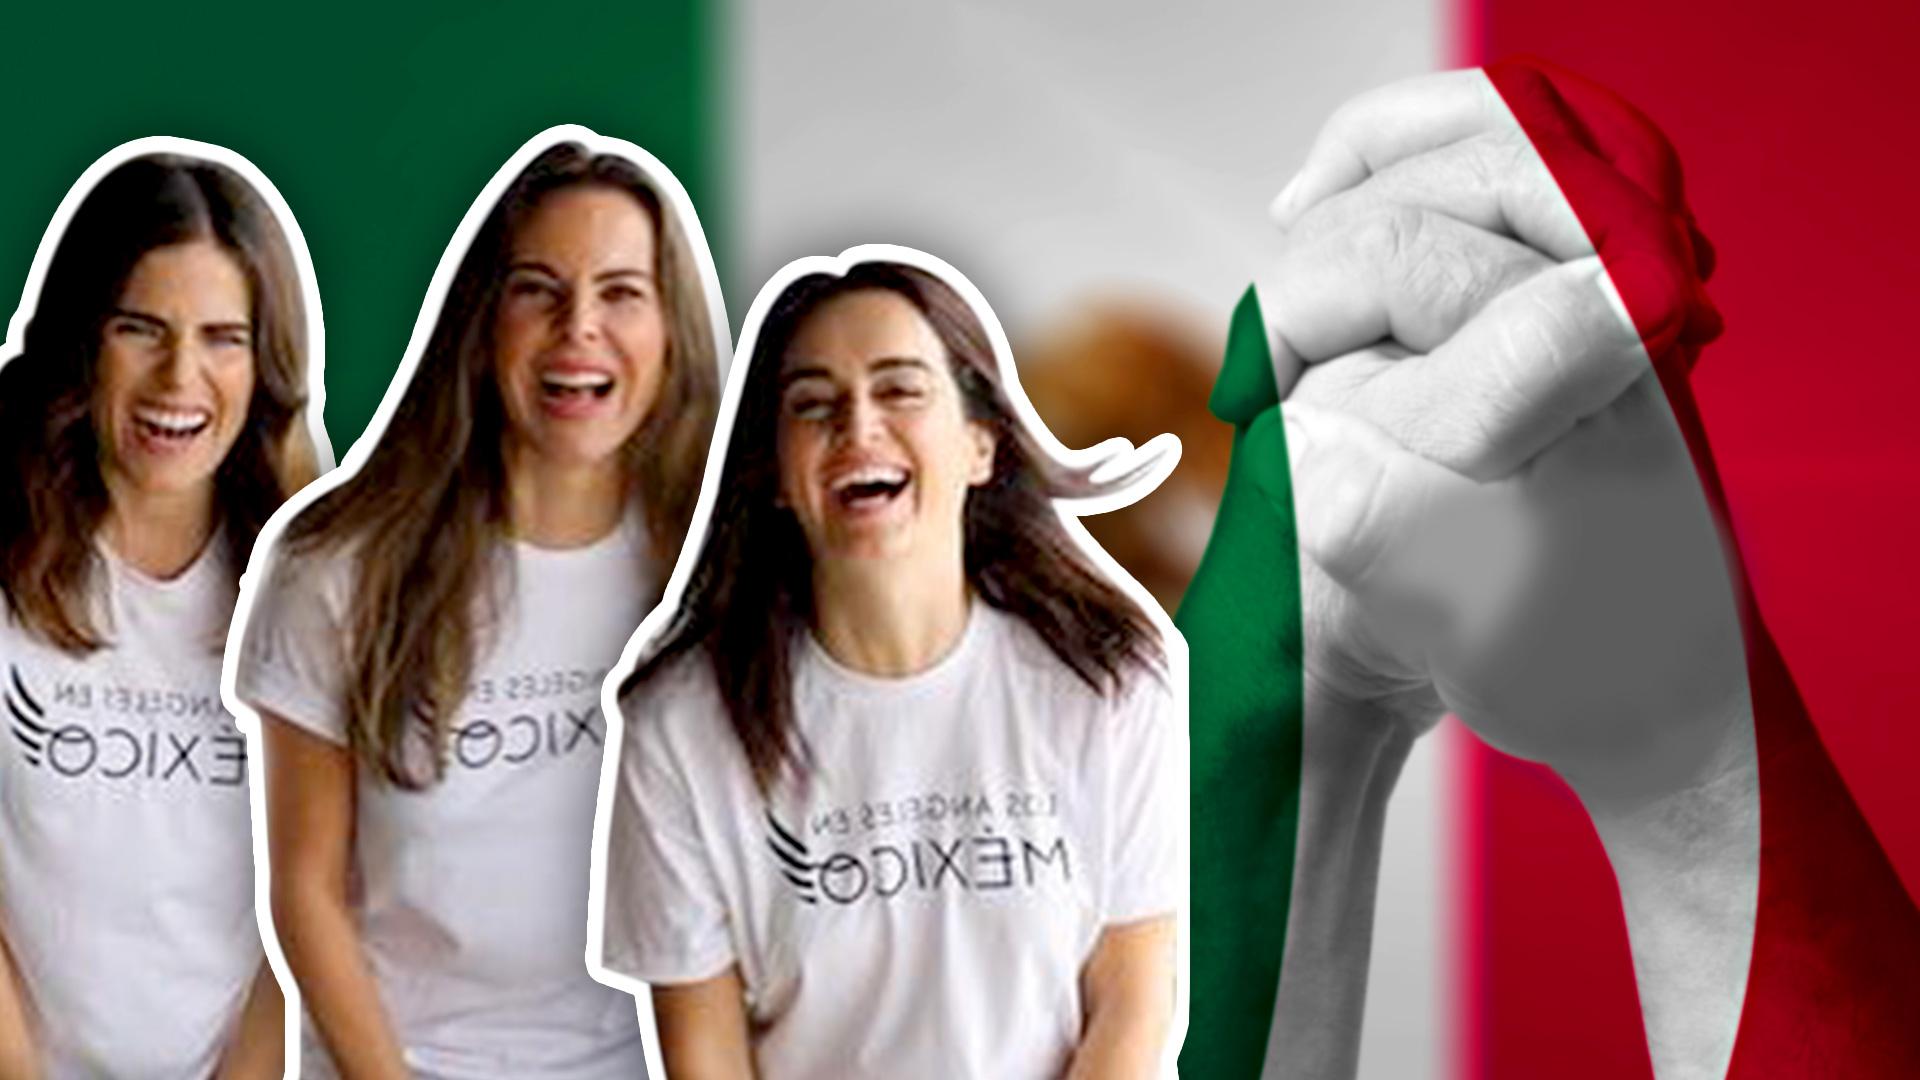 Ellos son los famosos que ayudaron a las víctimas del terremoto en México